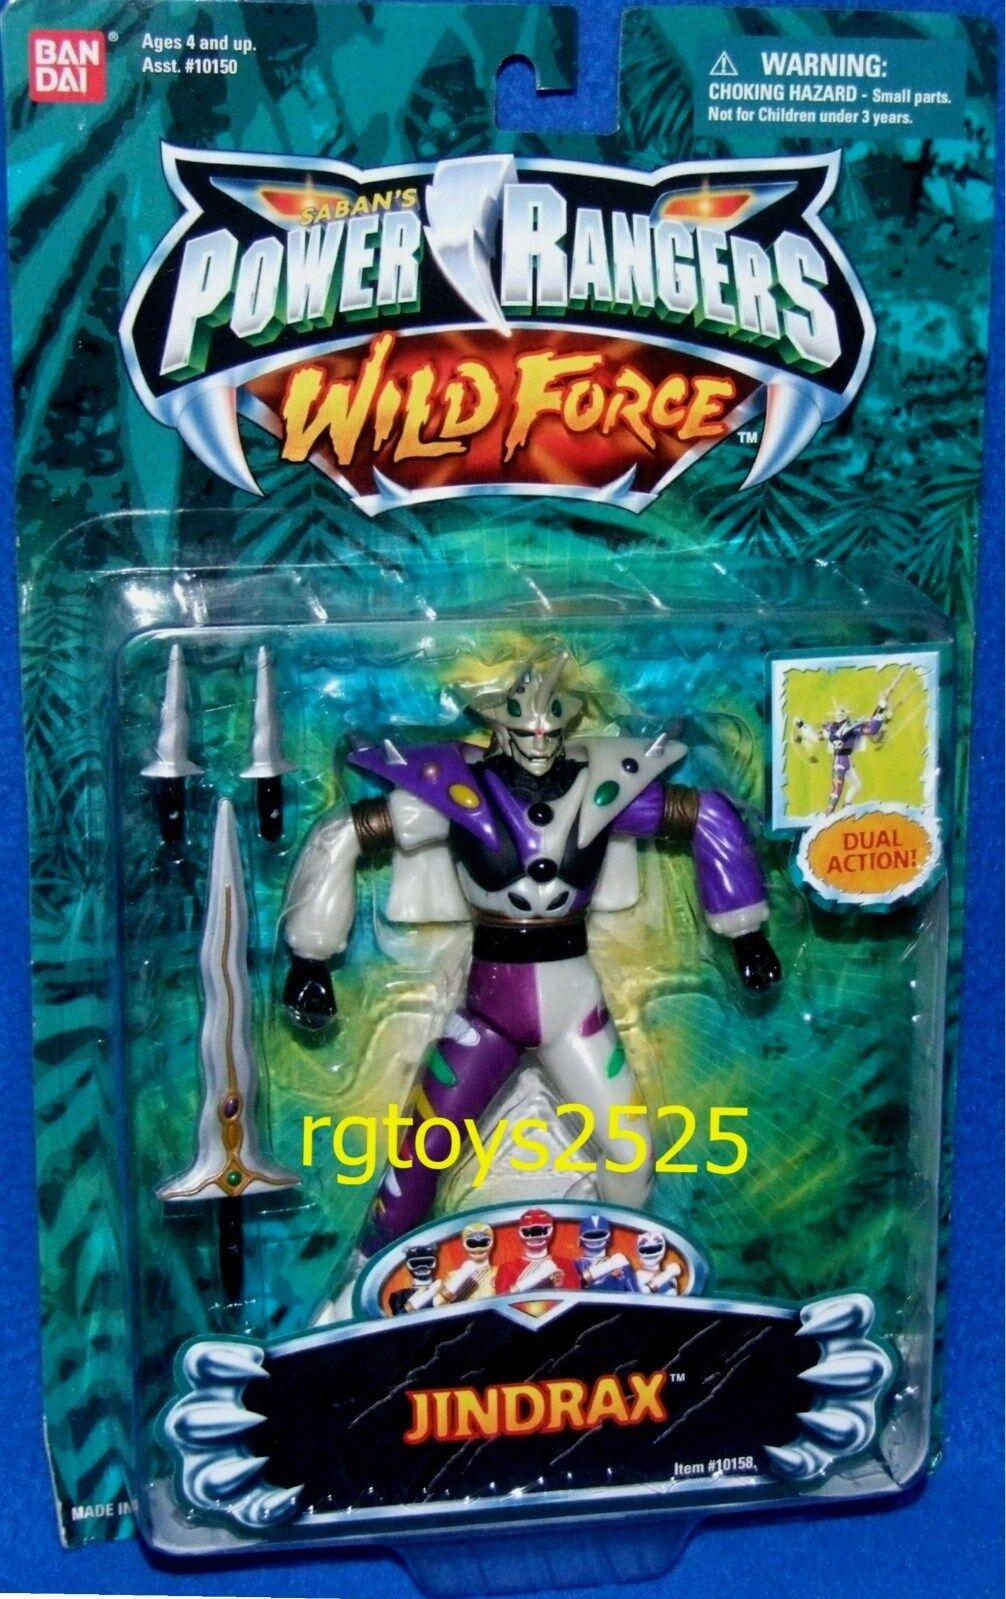 Power rangers wilde kraft jindrax duell action alien - 5  fabrik versiegelt 2002 neue